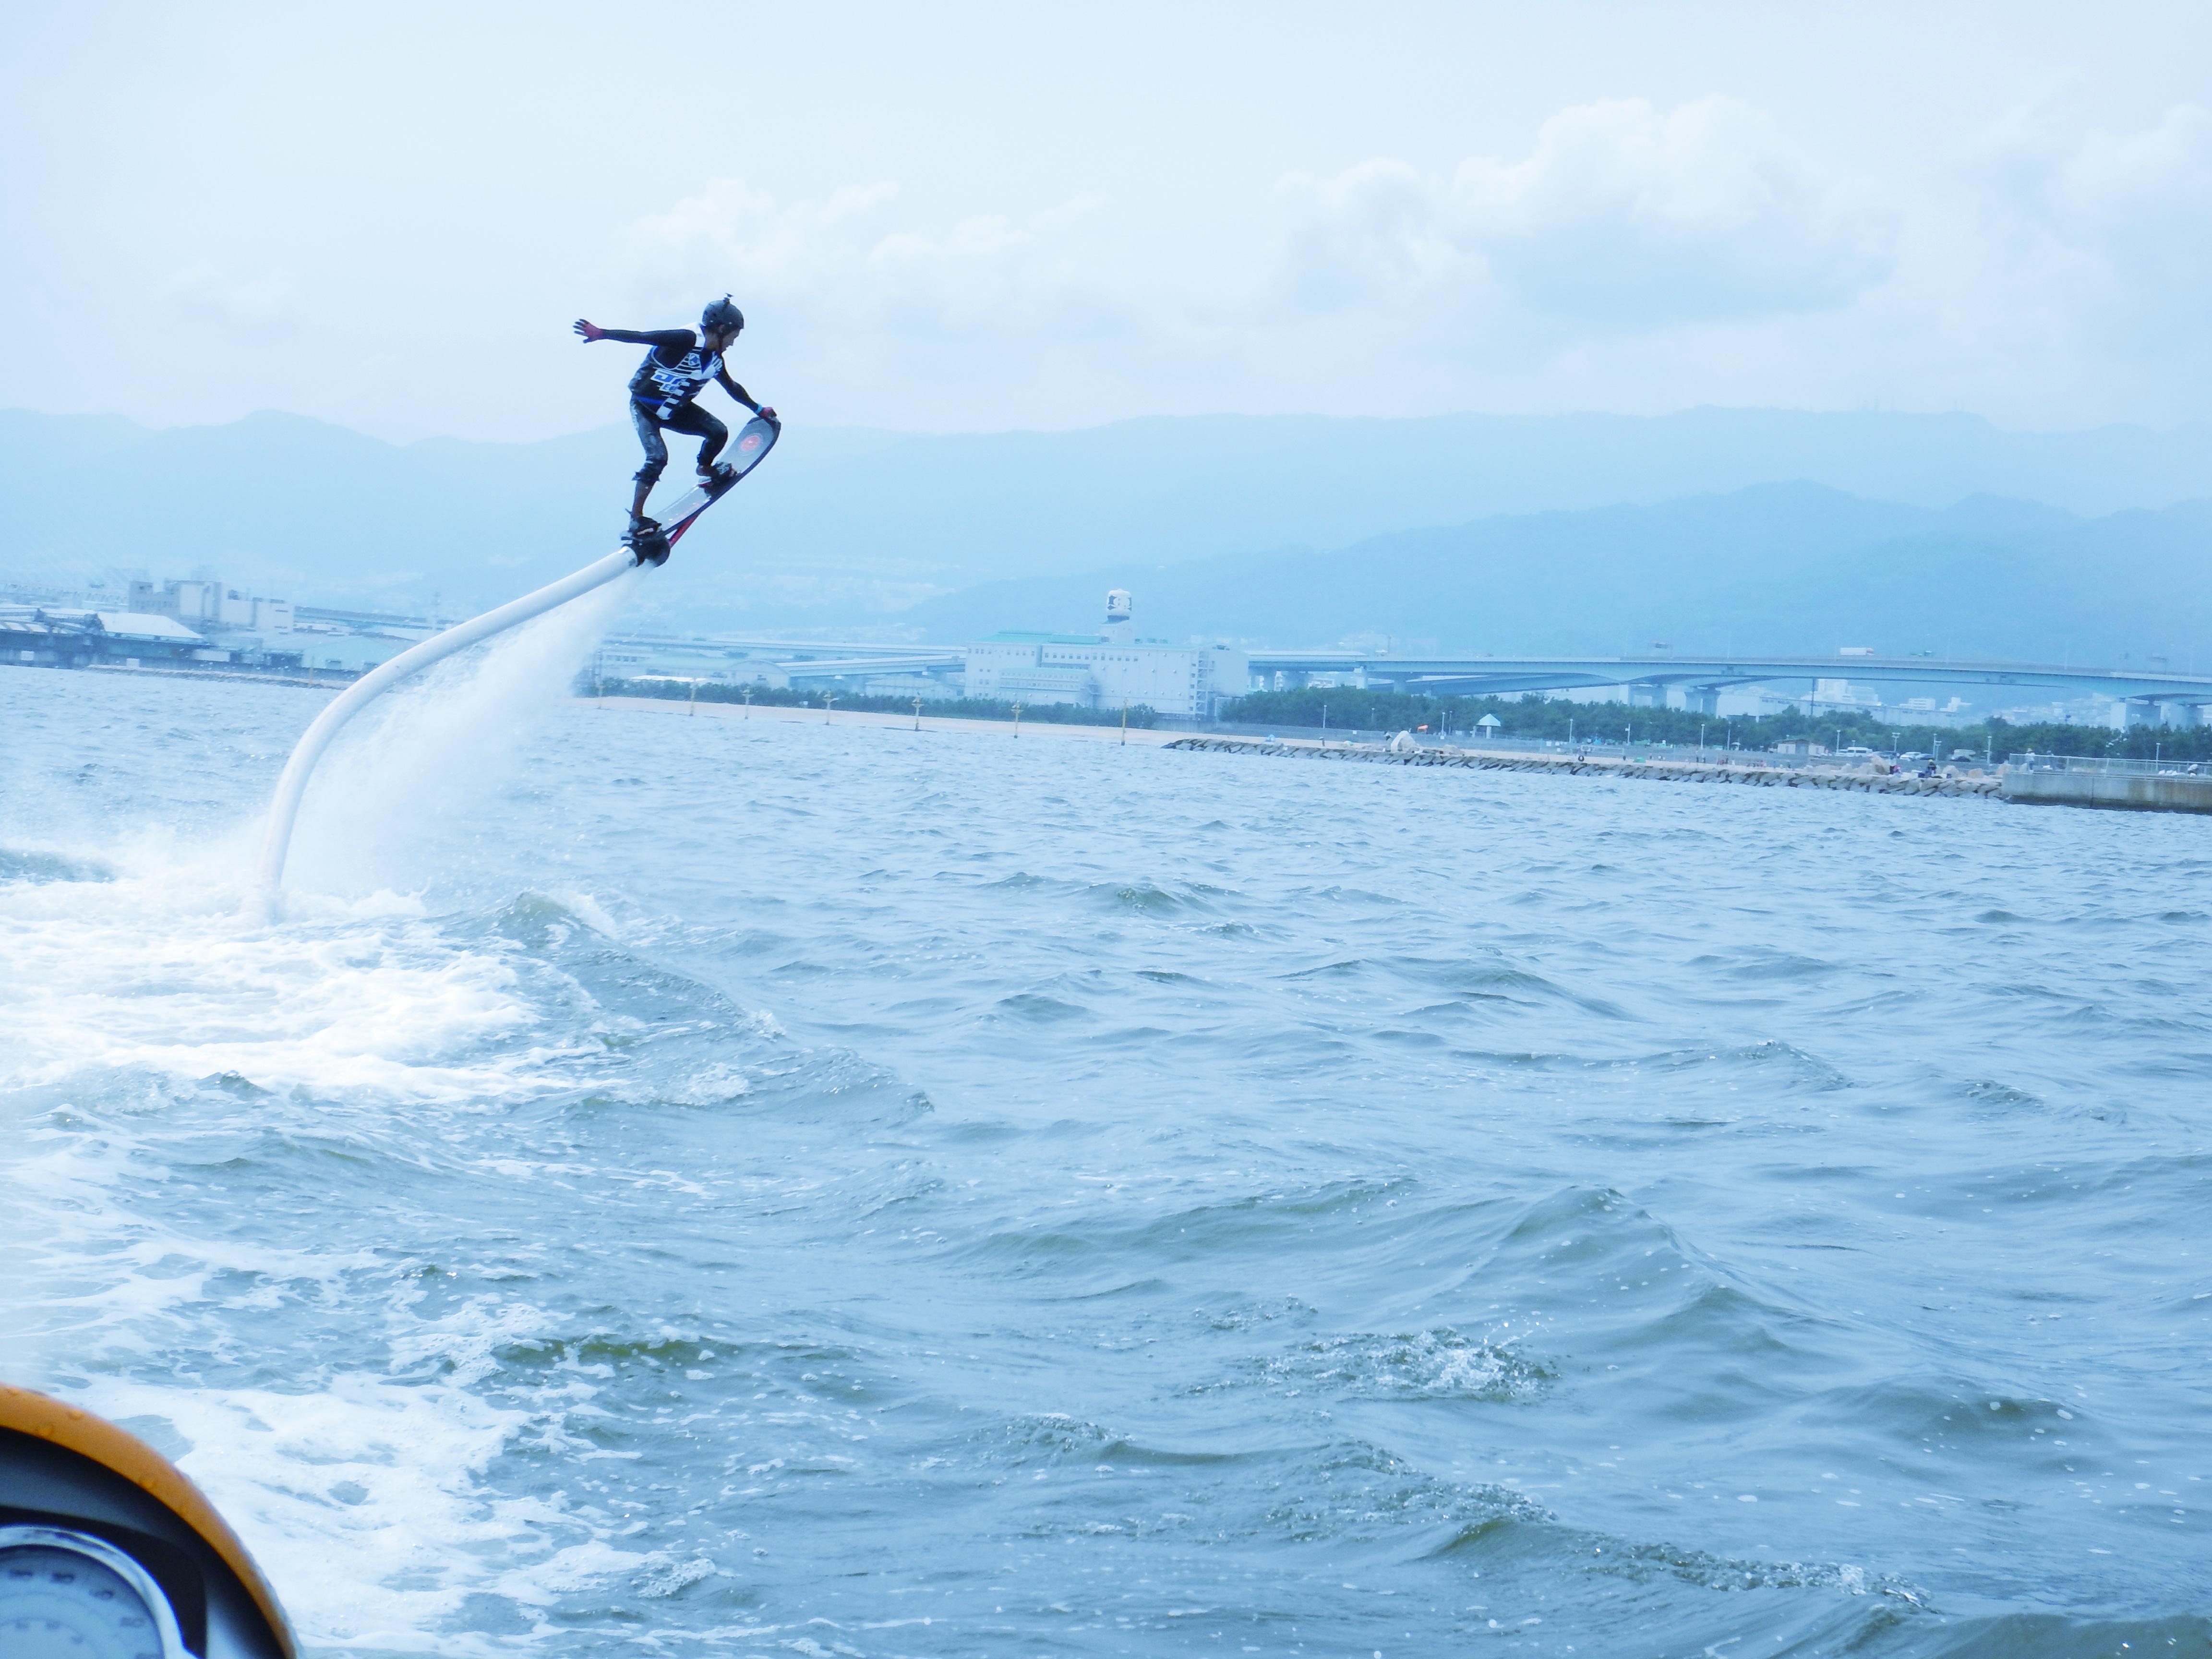 【兵庫・芦屋・ホバーボード体験】まるでSF映画!スリル満点のホバーボード体験